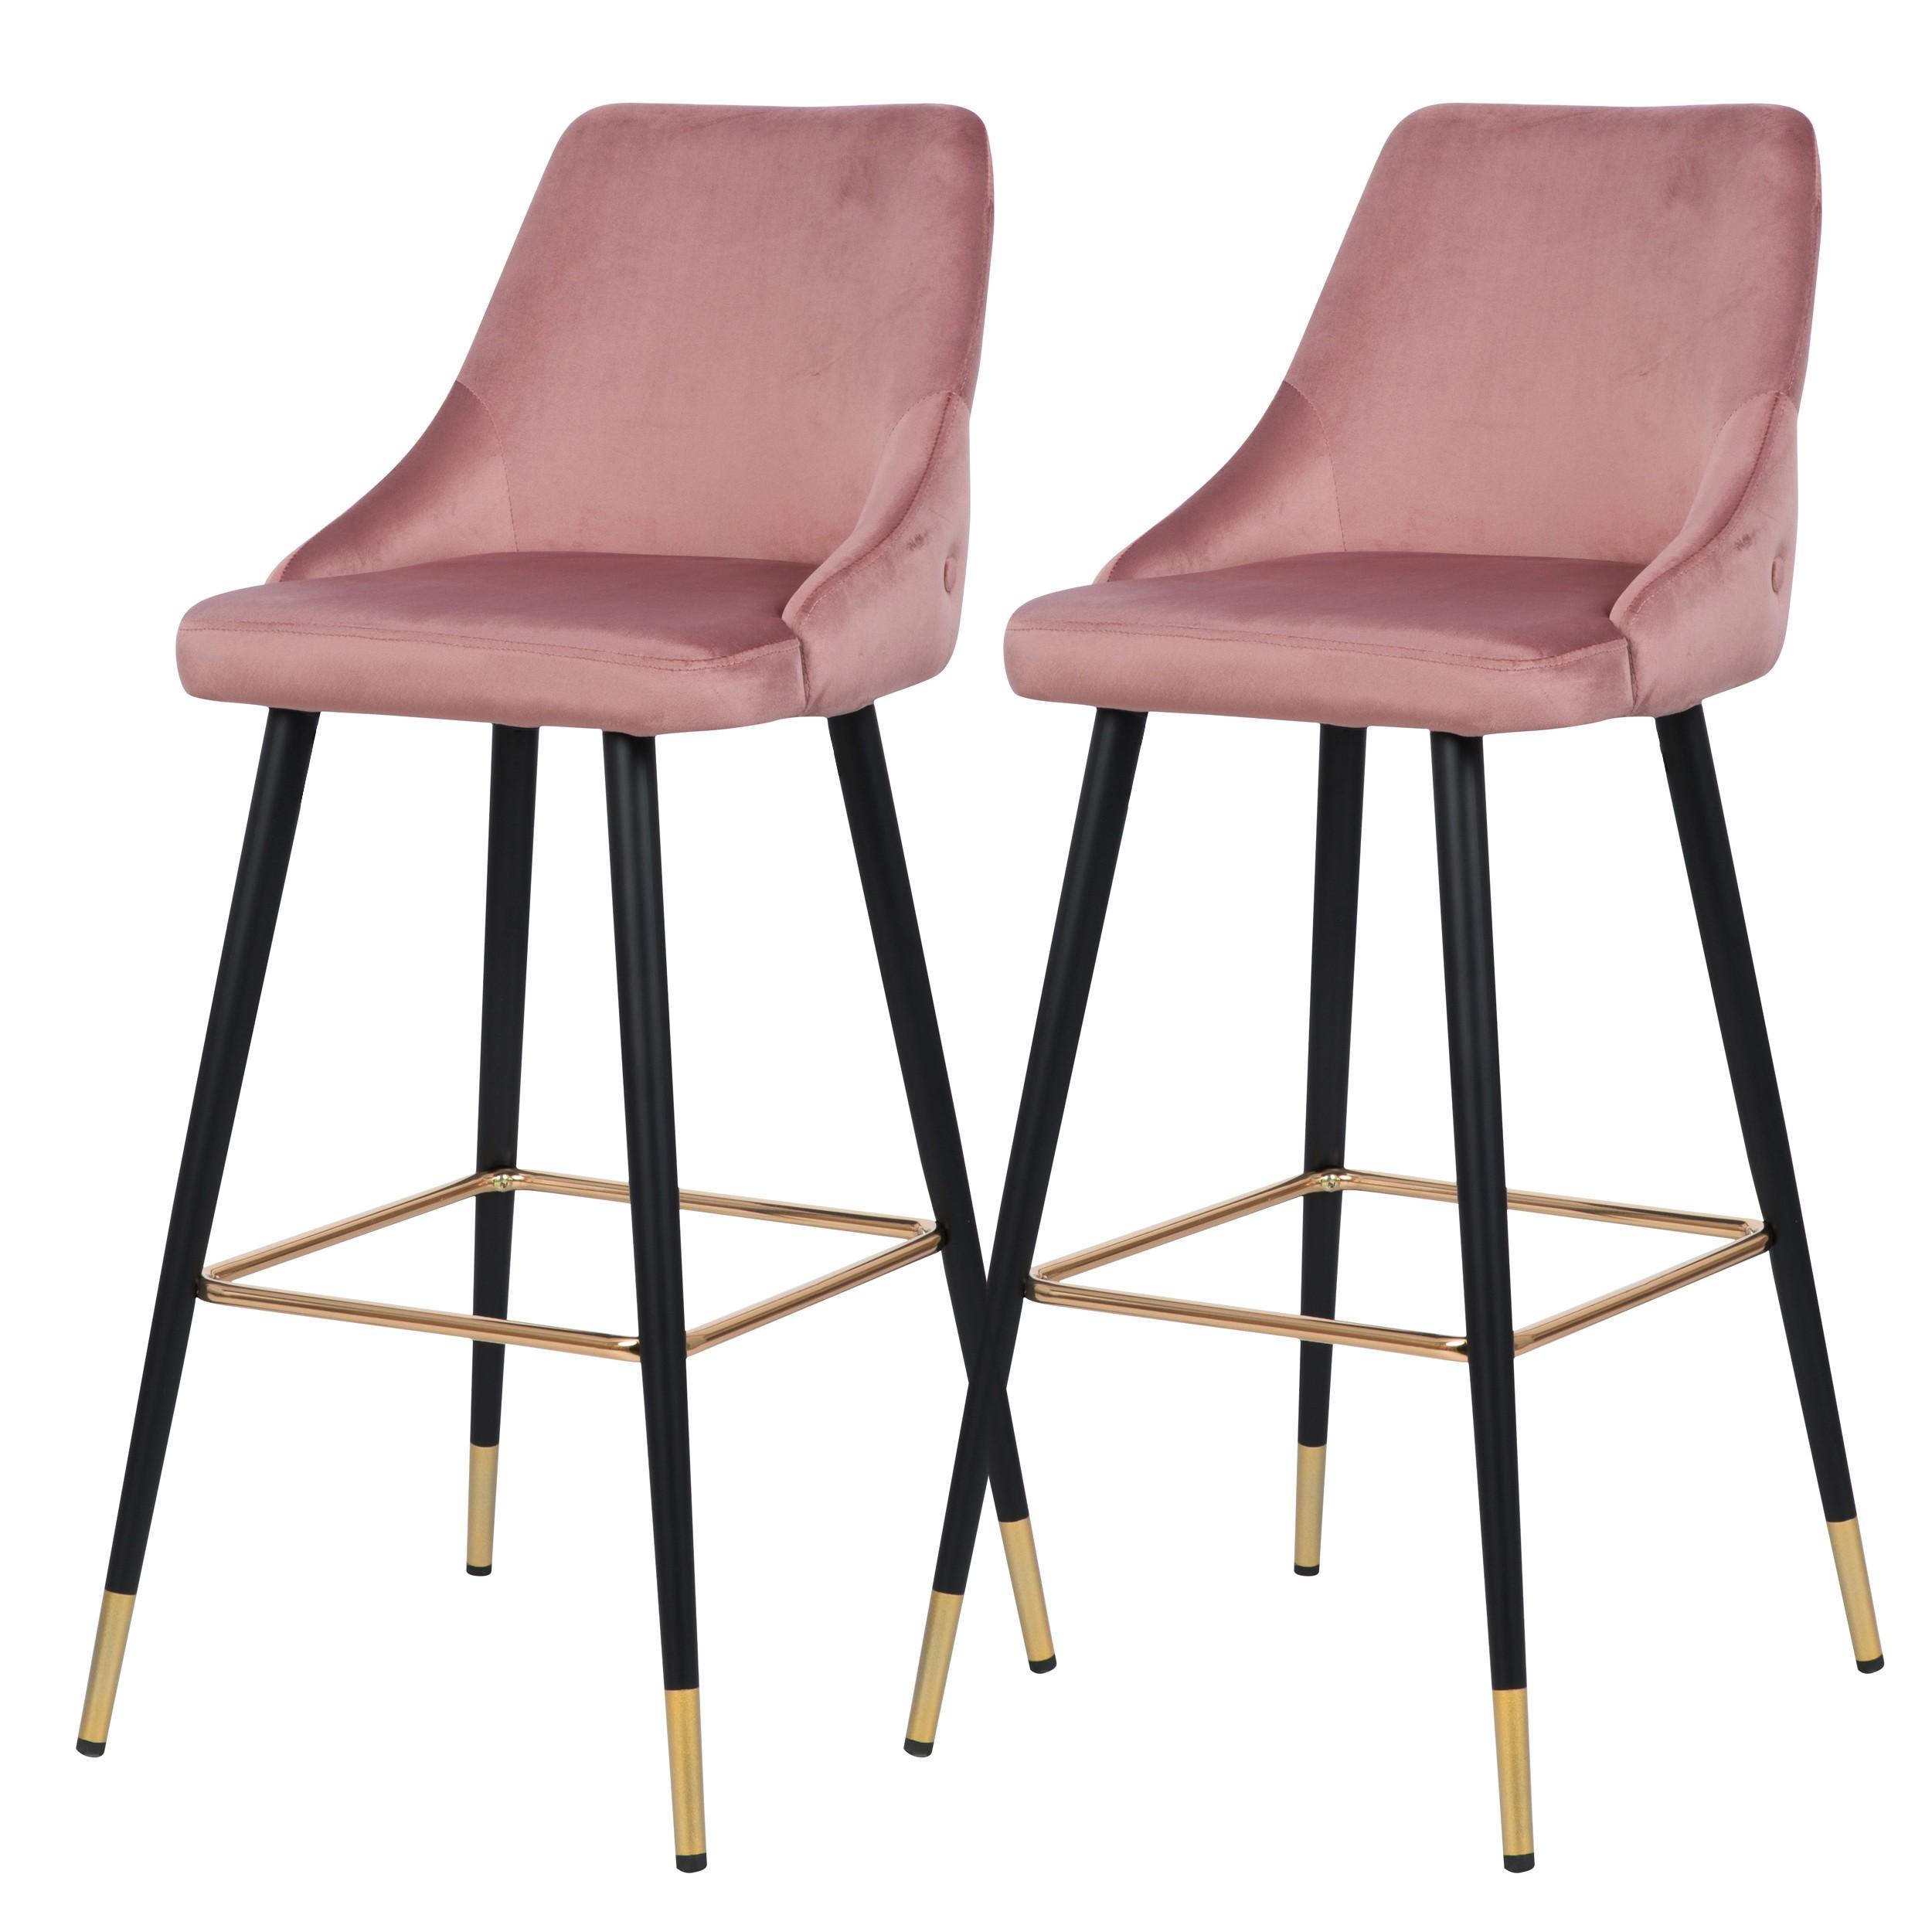 acheter chaise de bar rose velours metal